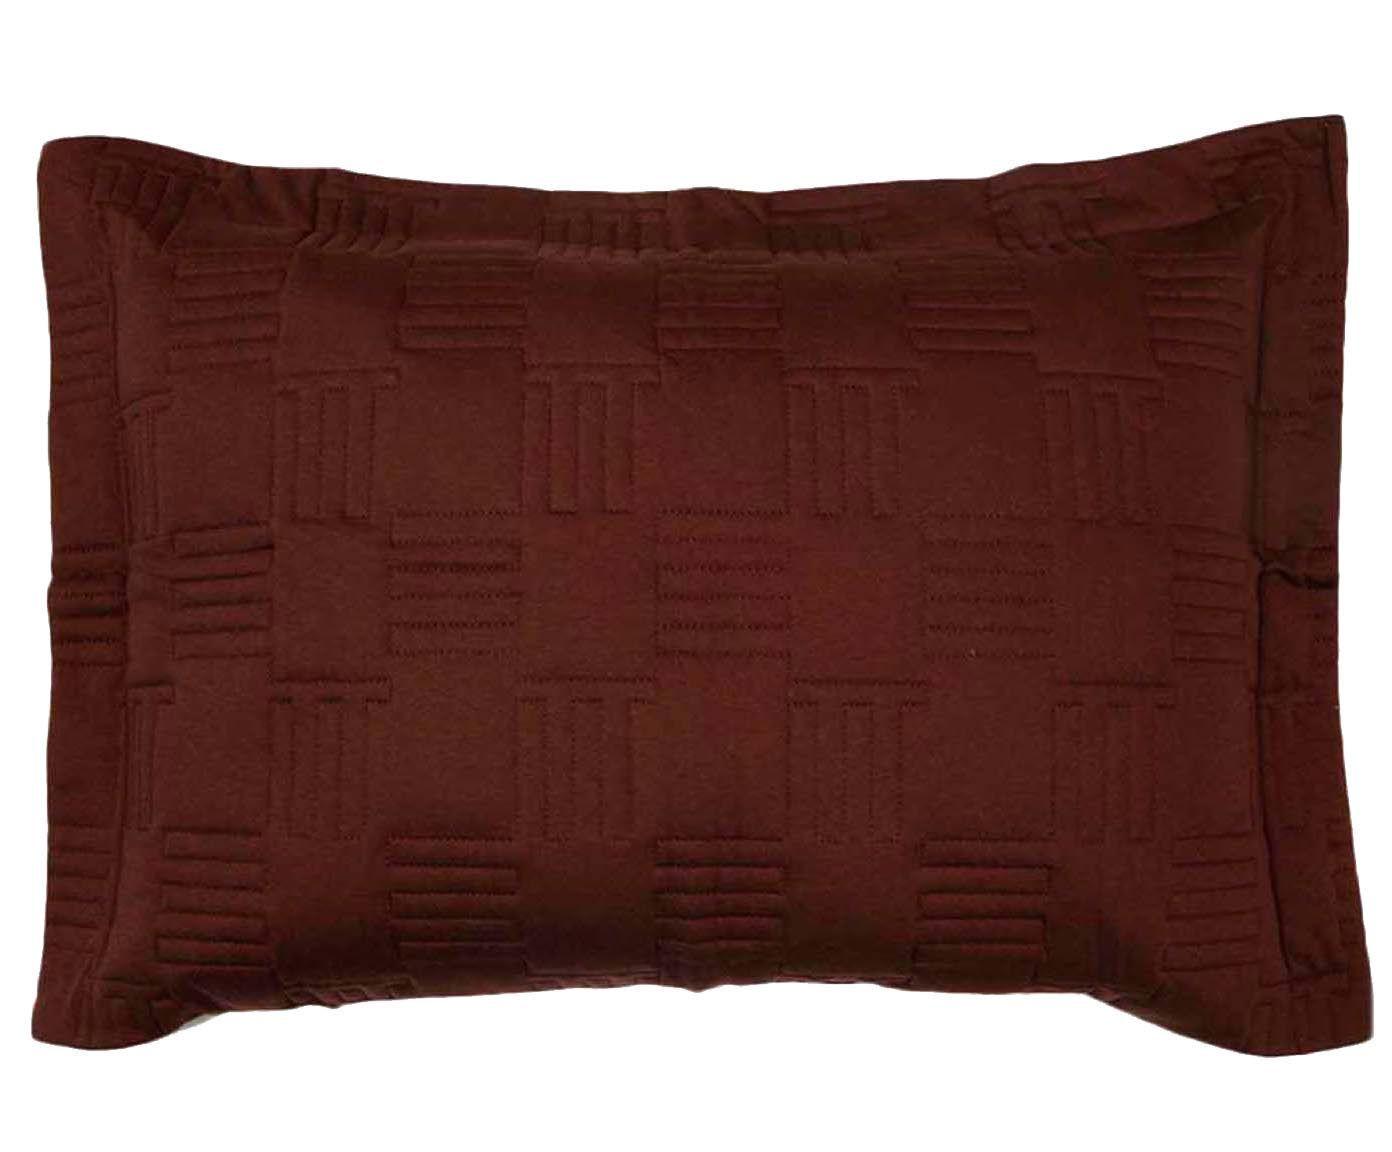 Porta-travesseiro colorado - sand | Westwing.com.br